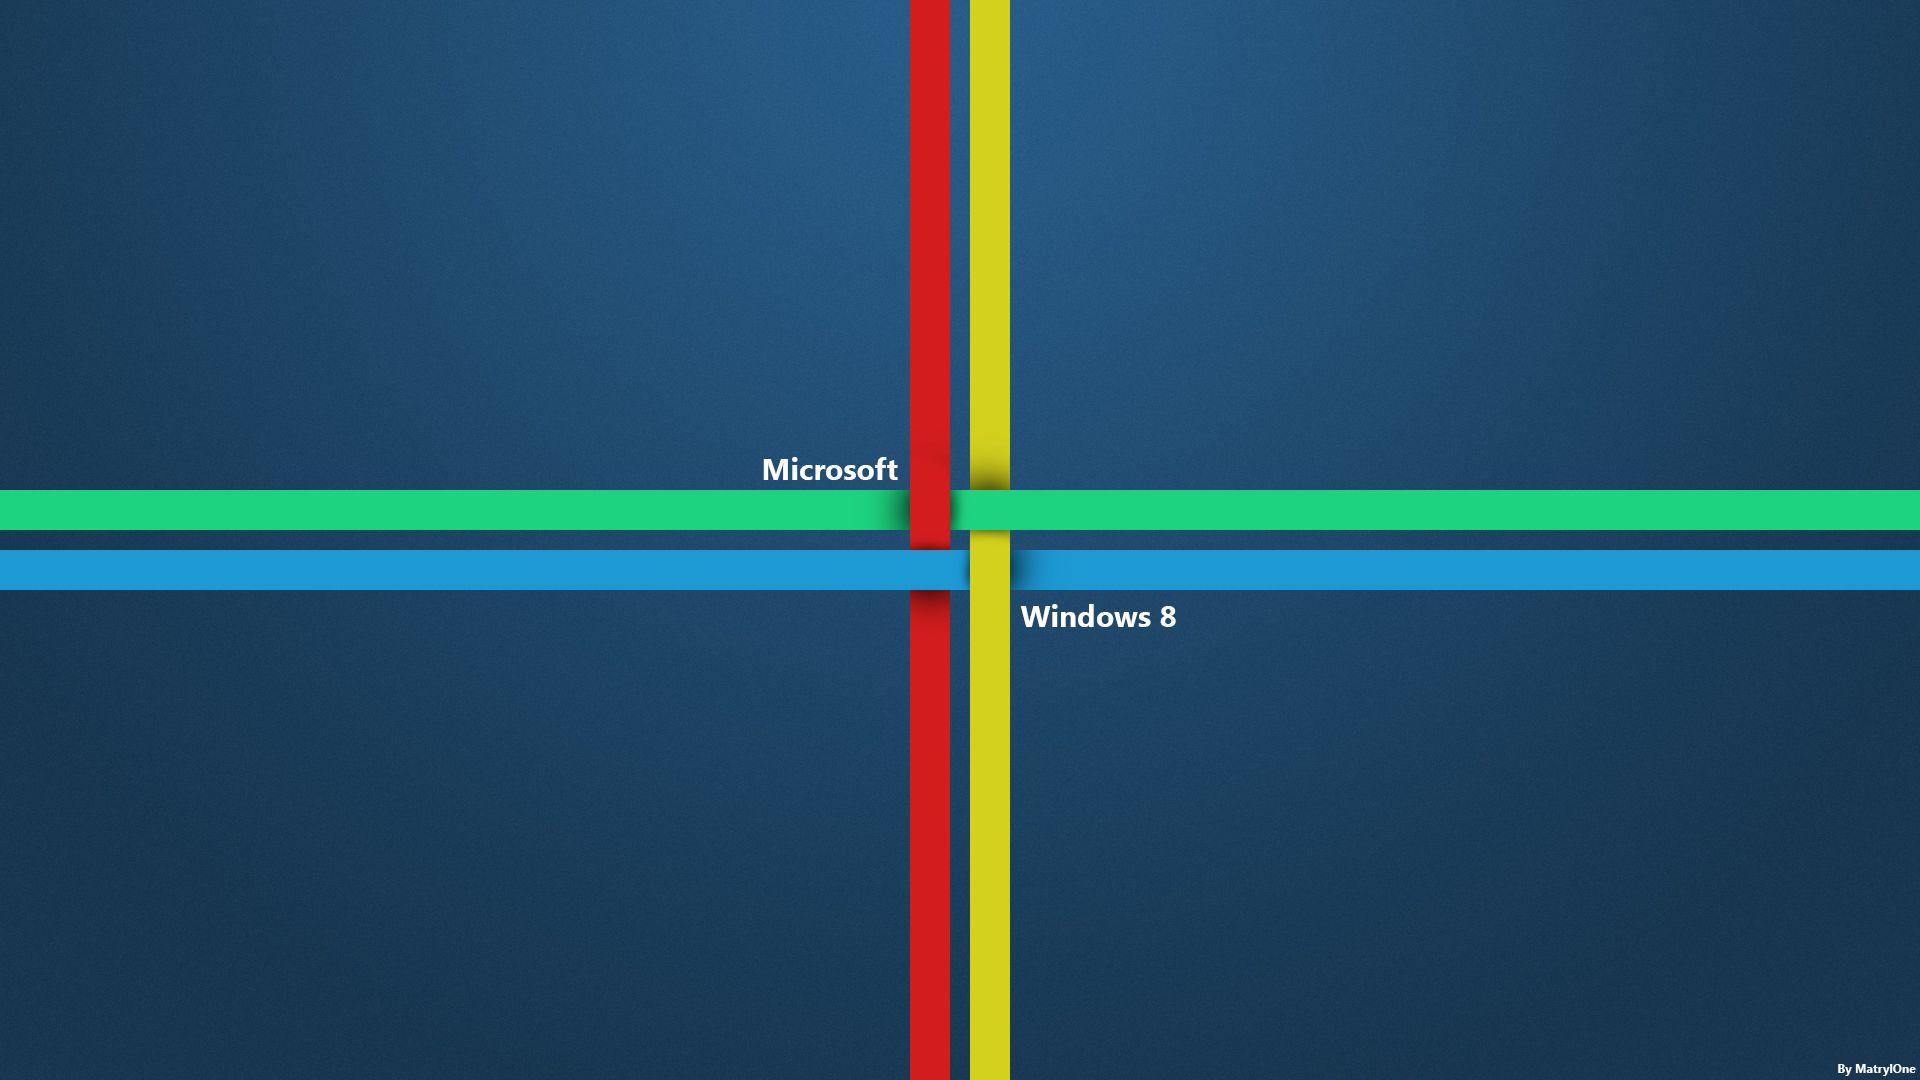 Windows 8 Metro Desktop Wallpaper By Matryl1 D5cm1v5 Jpg 1920 1080